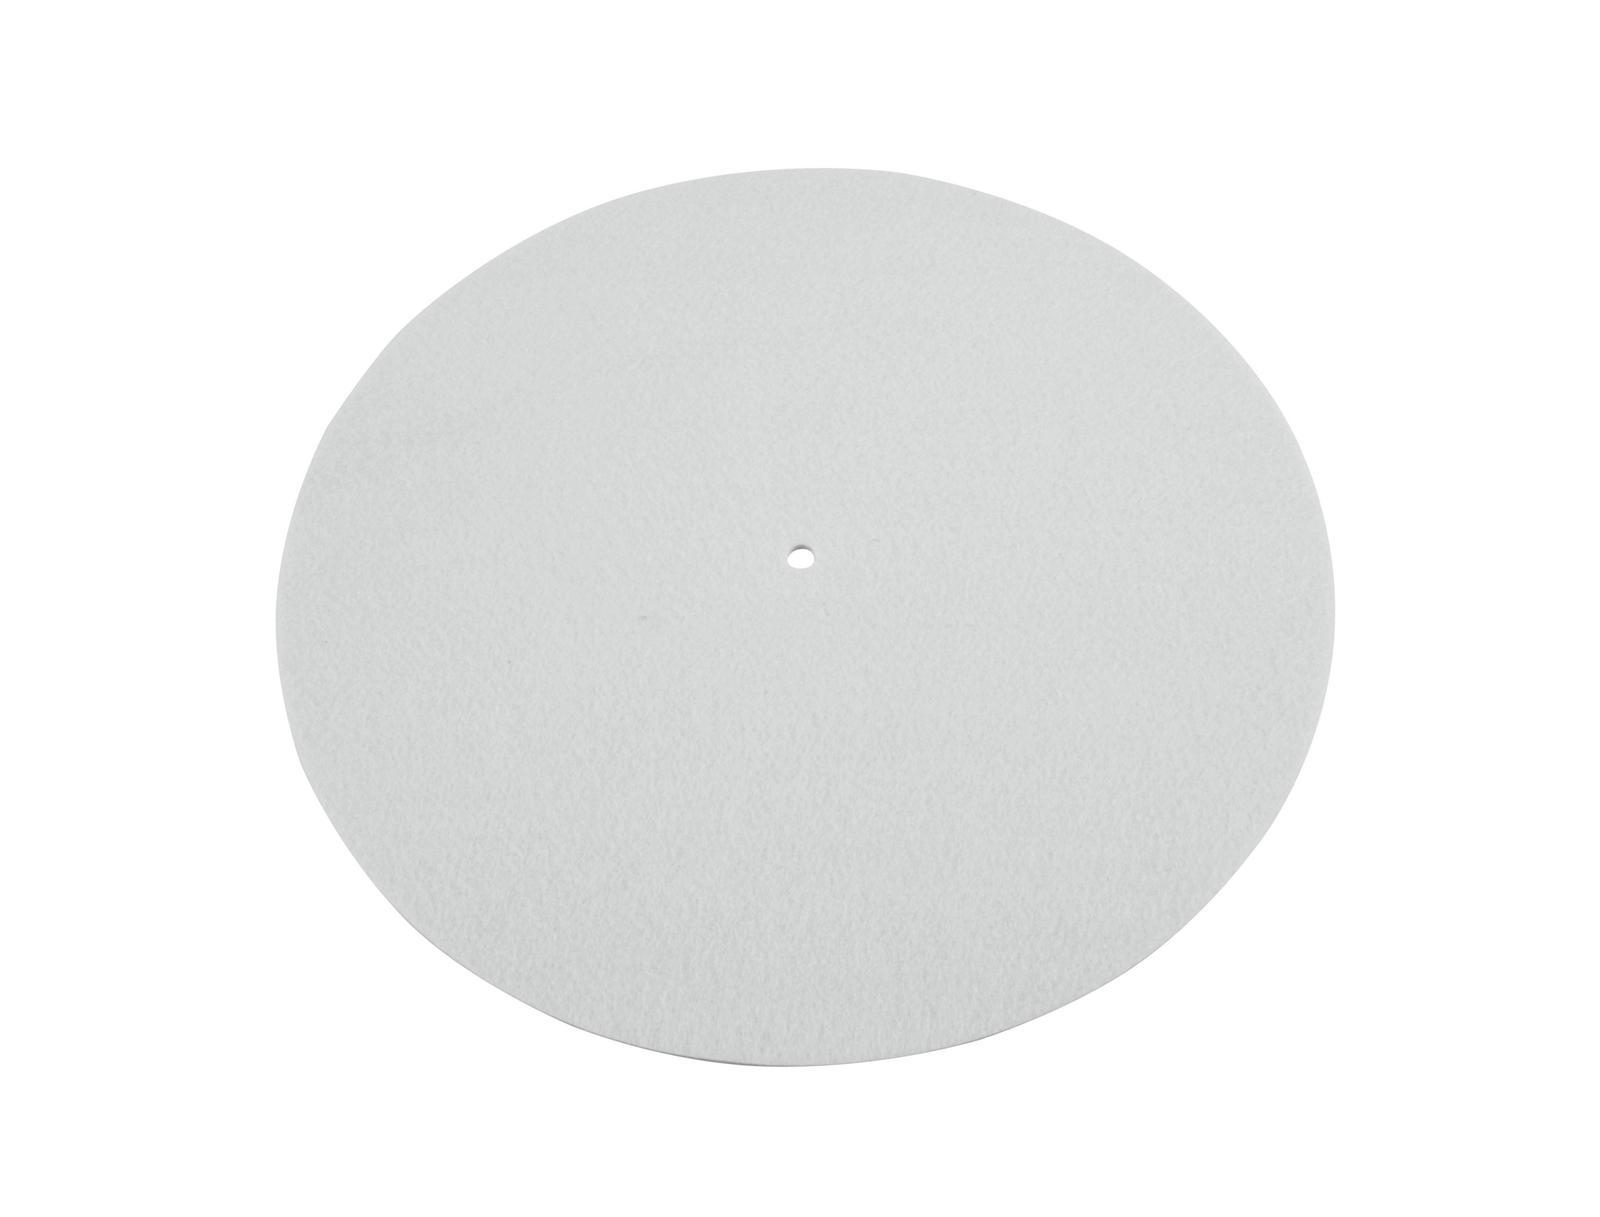 OMNITRONIC Slipmat, antistatisch, neutral weiß